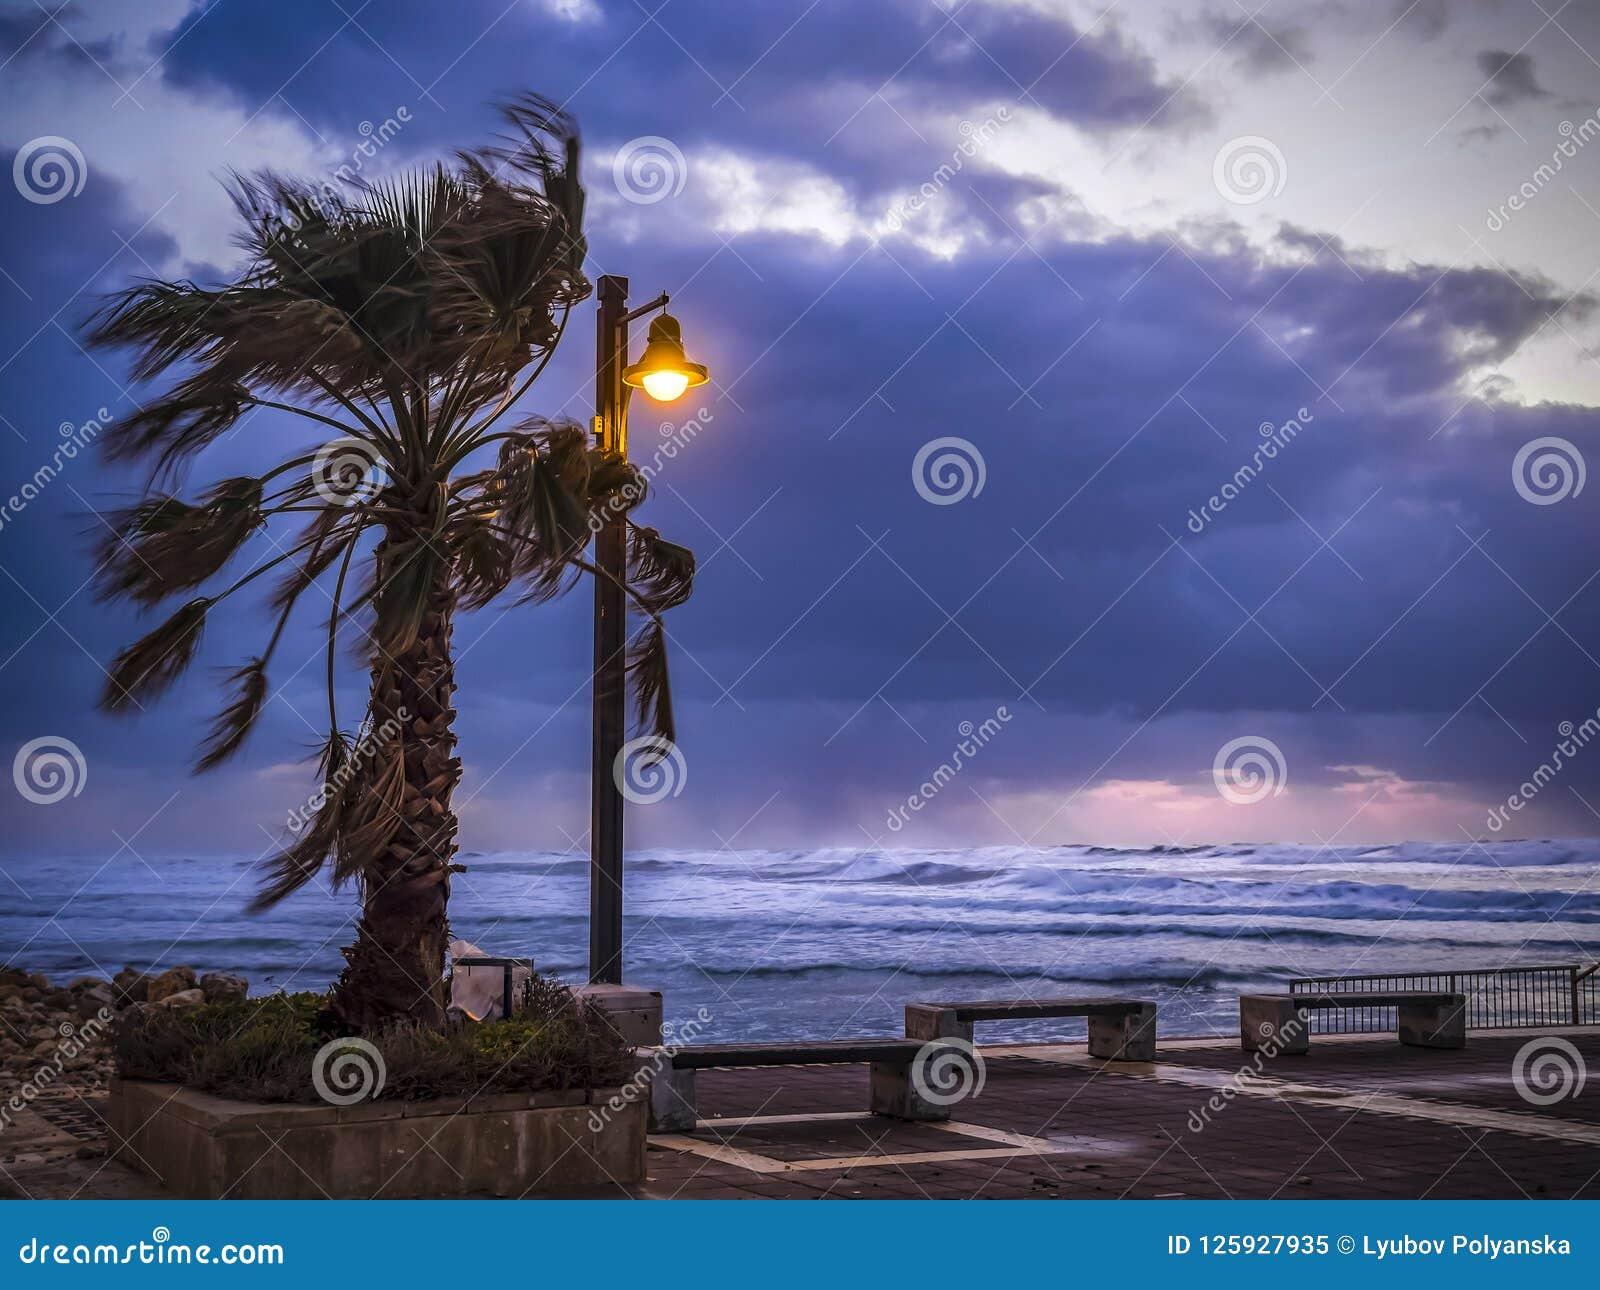 Temps orageux de vent sur les rivages de la mer Méditerranée, crépuscule, lanterne brûlante